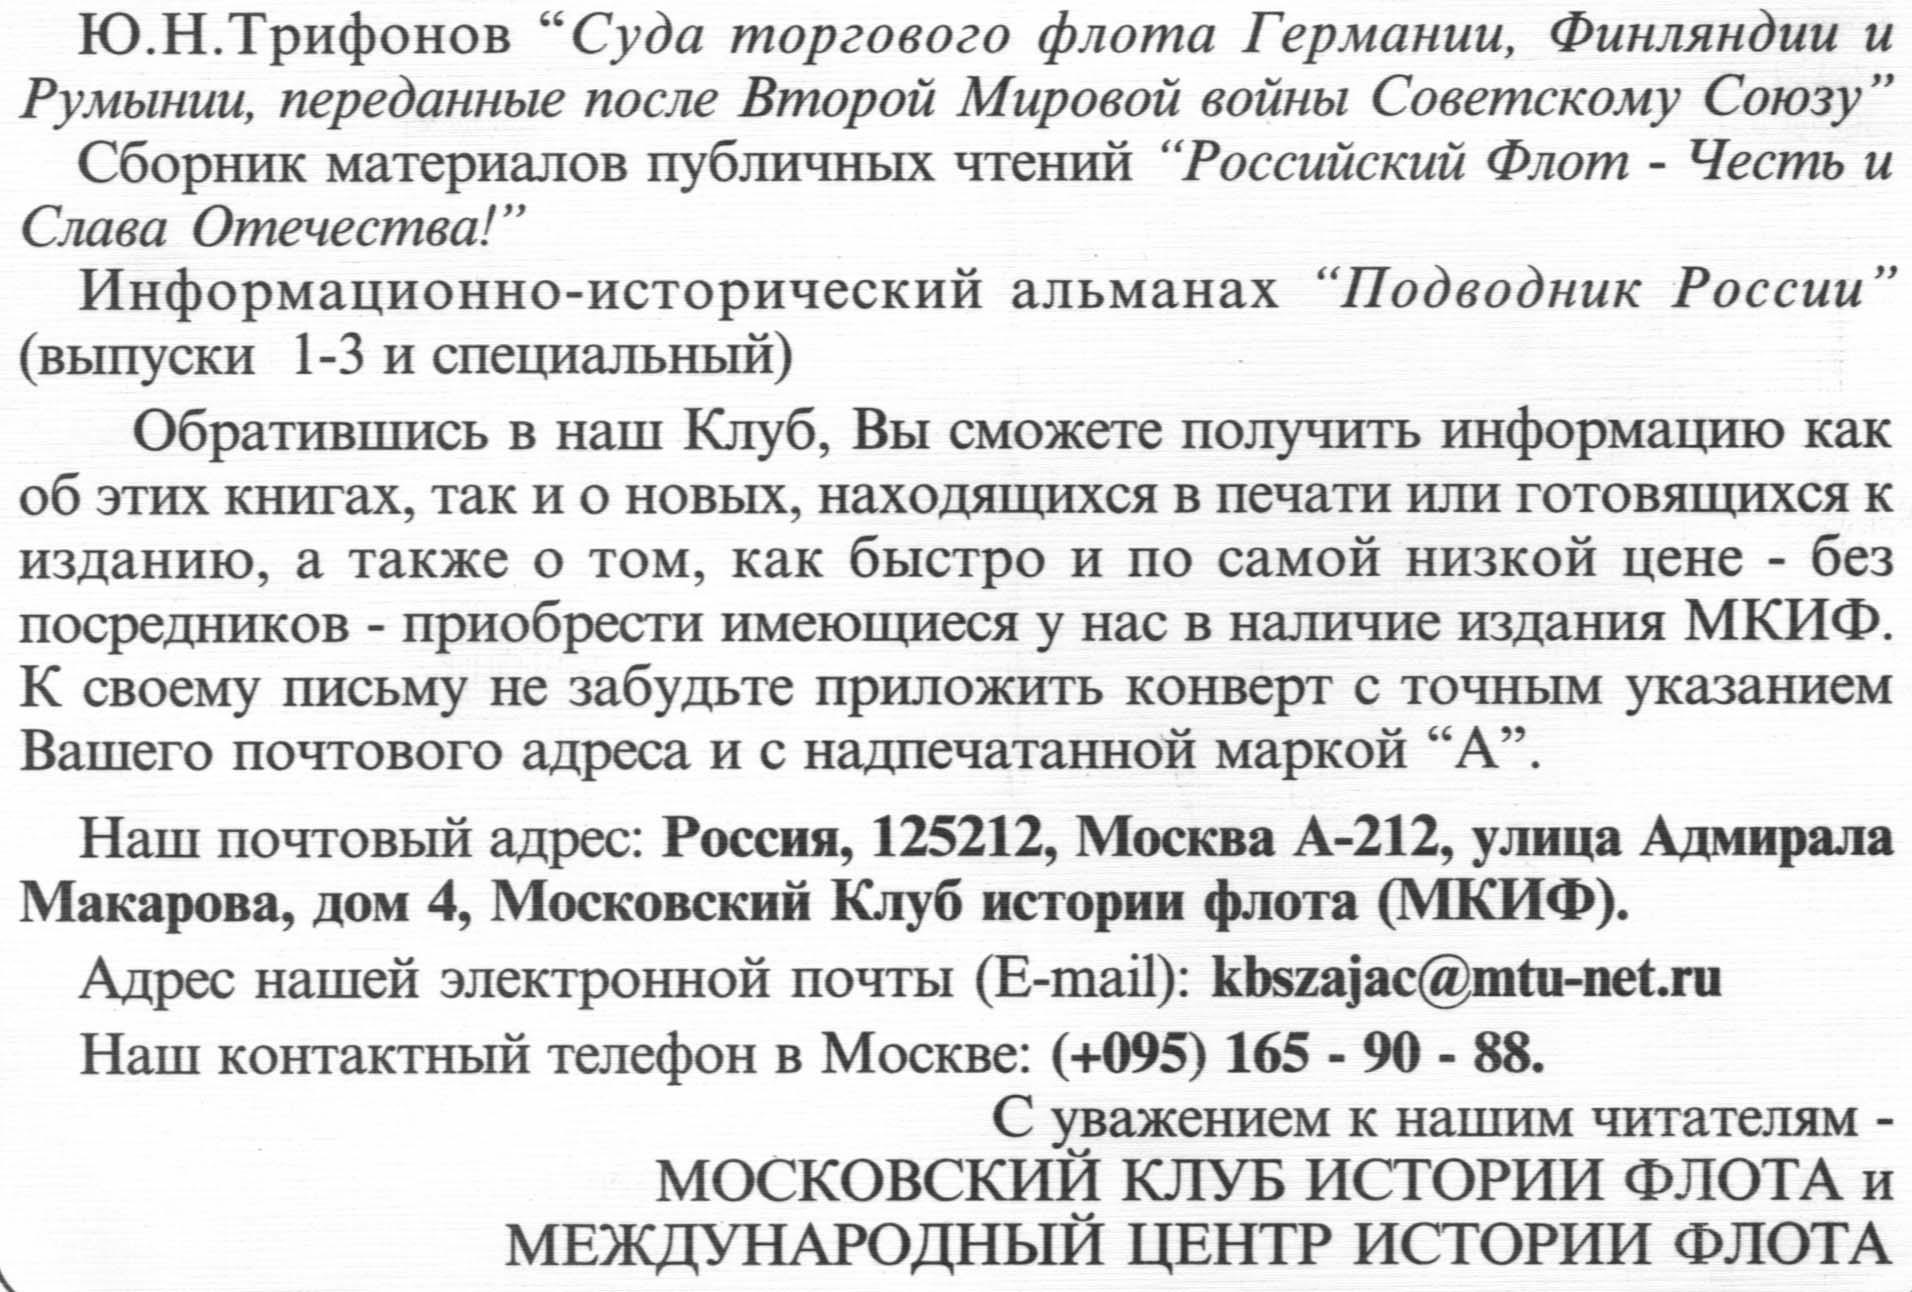 Trifonov.jpg